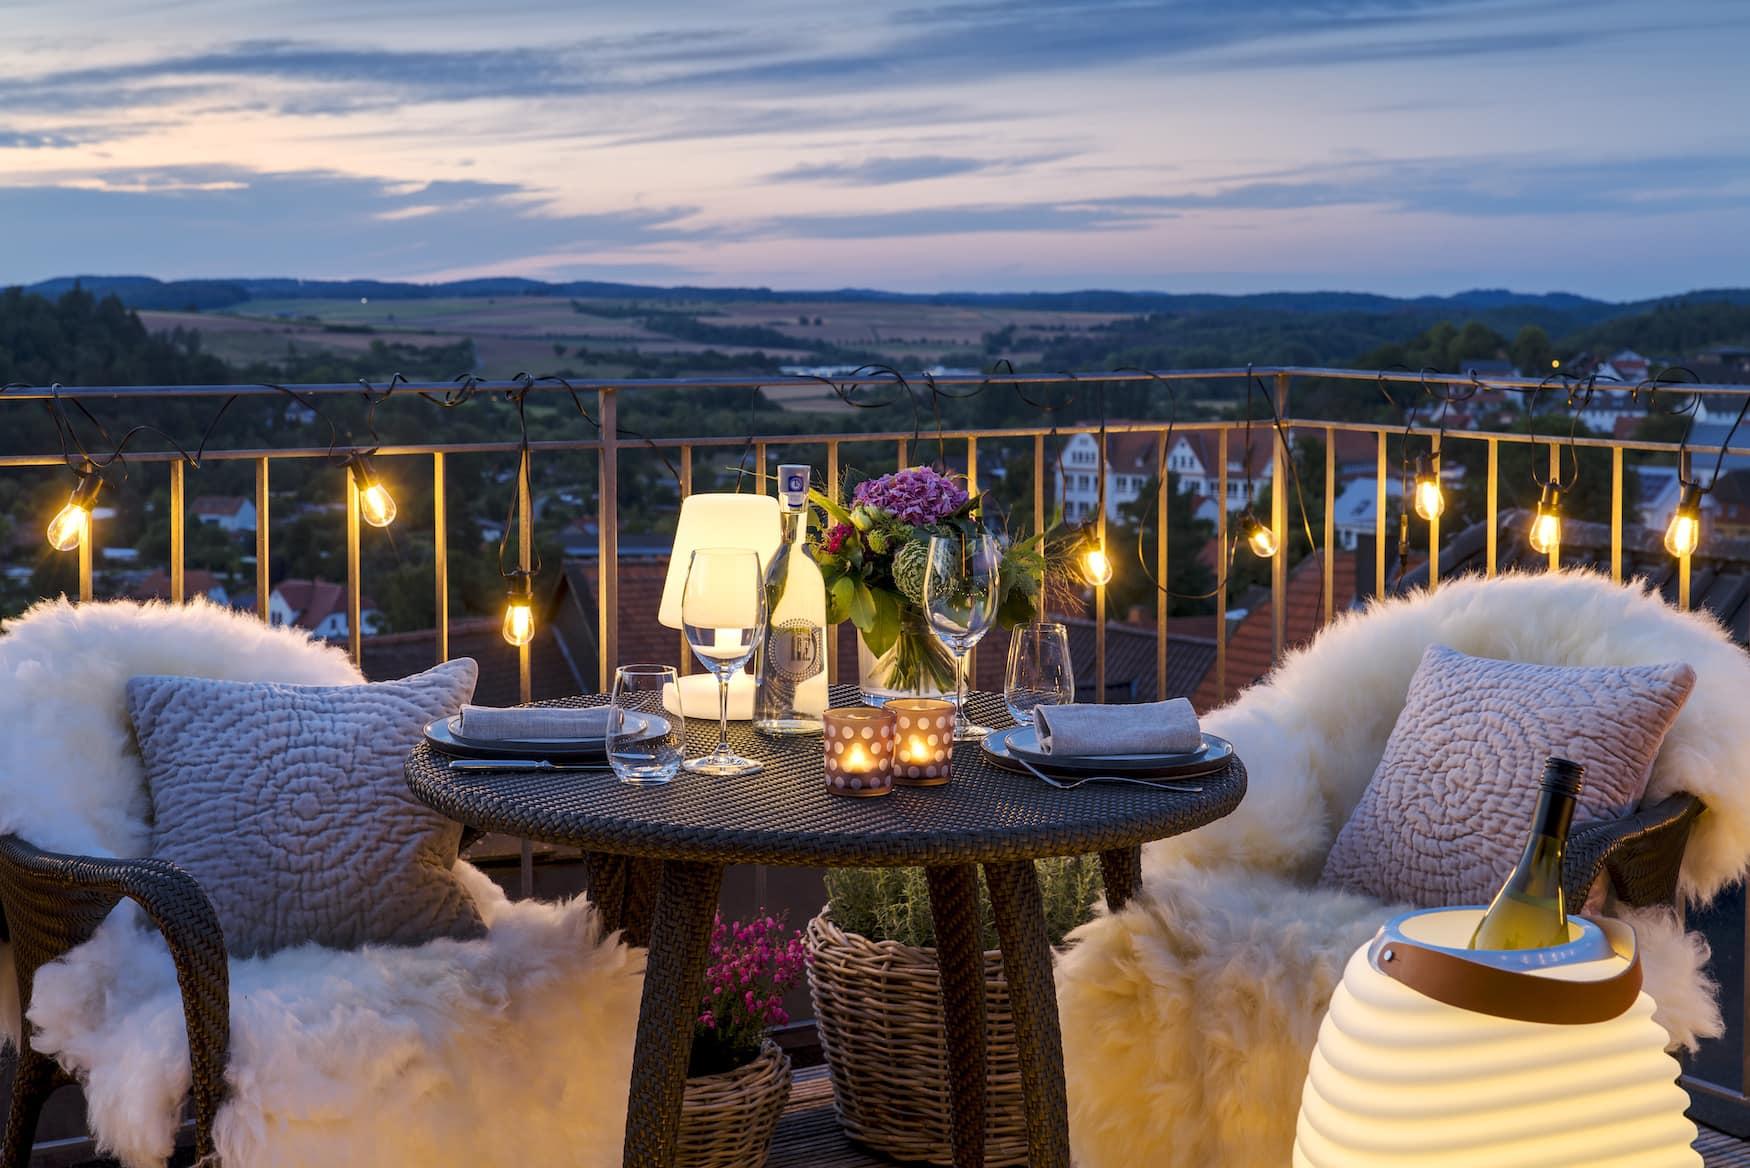 Dachterrasse mit romantischer Beleuchtung am Abend